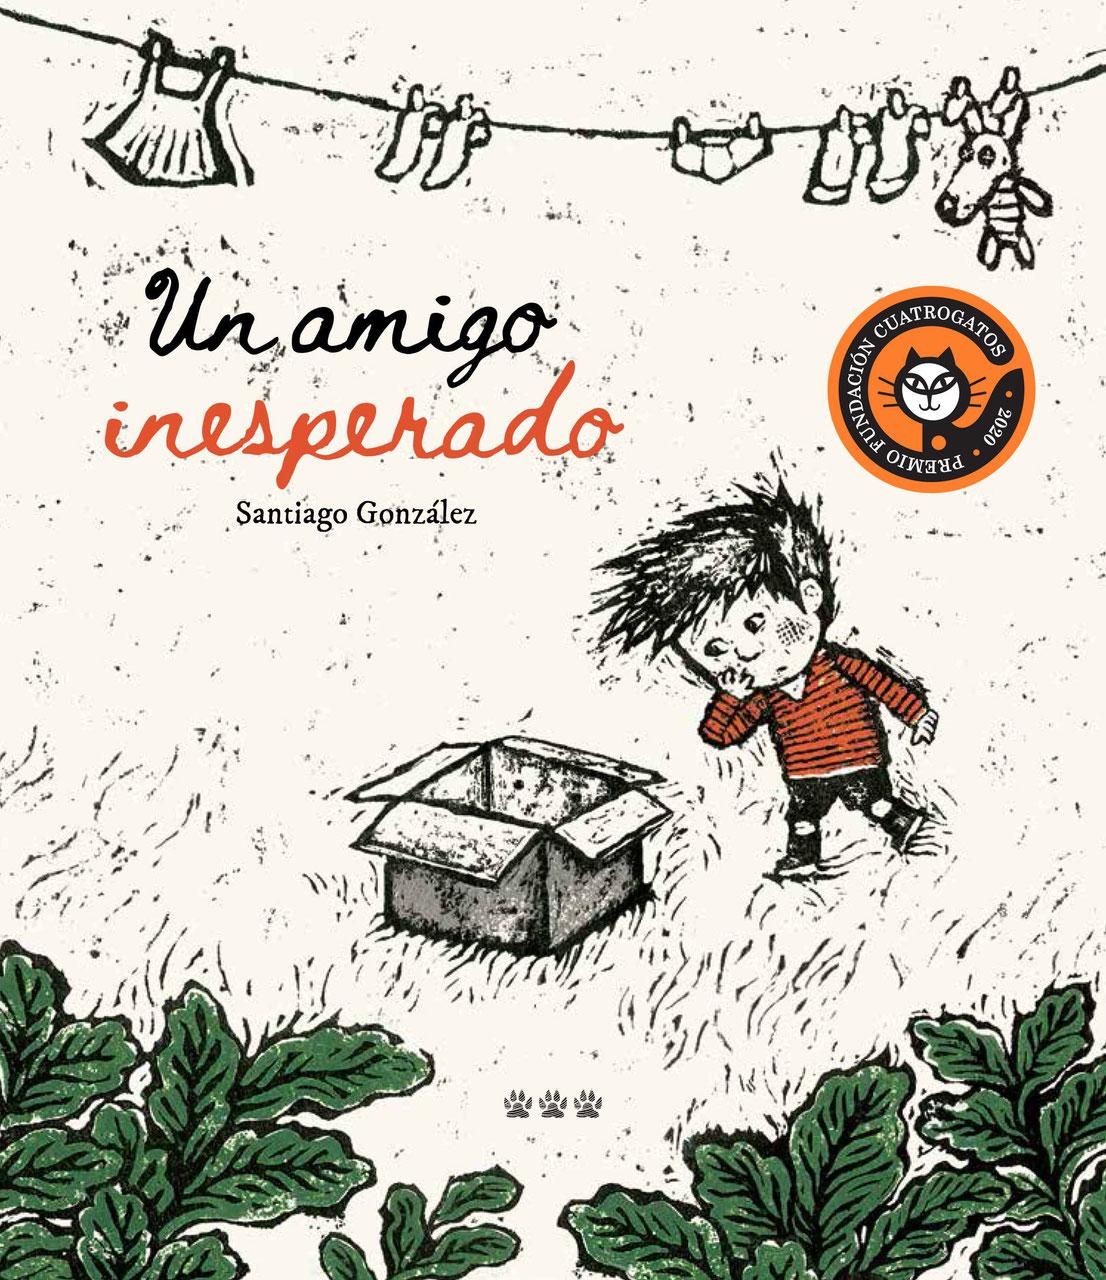 Un amigo inesperado - Libros infantiles sobre la amistad